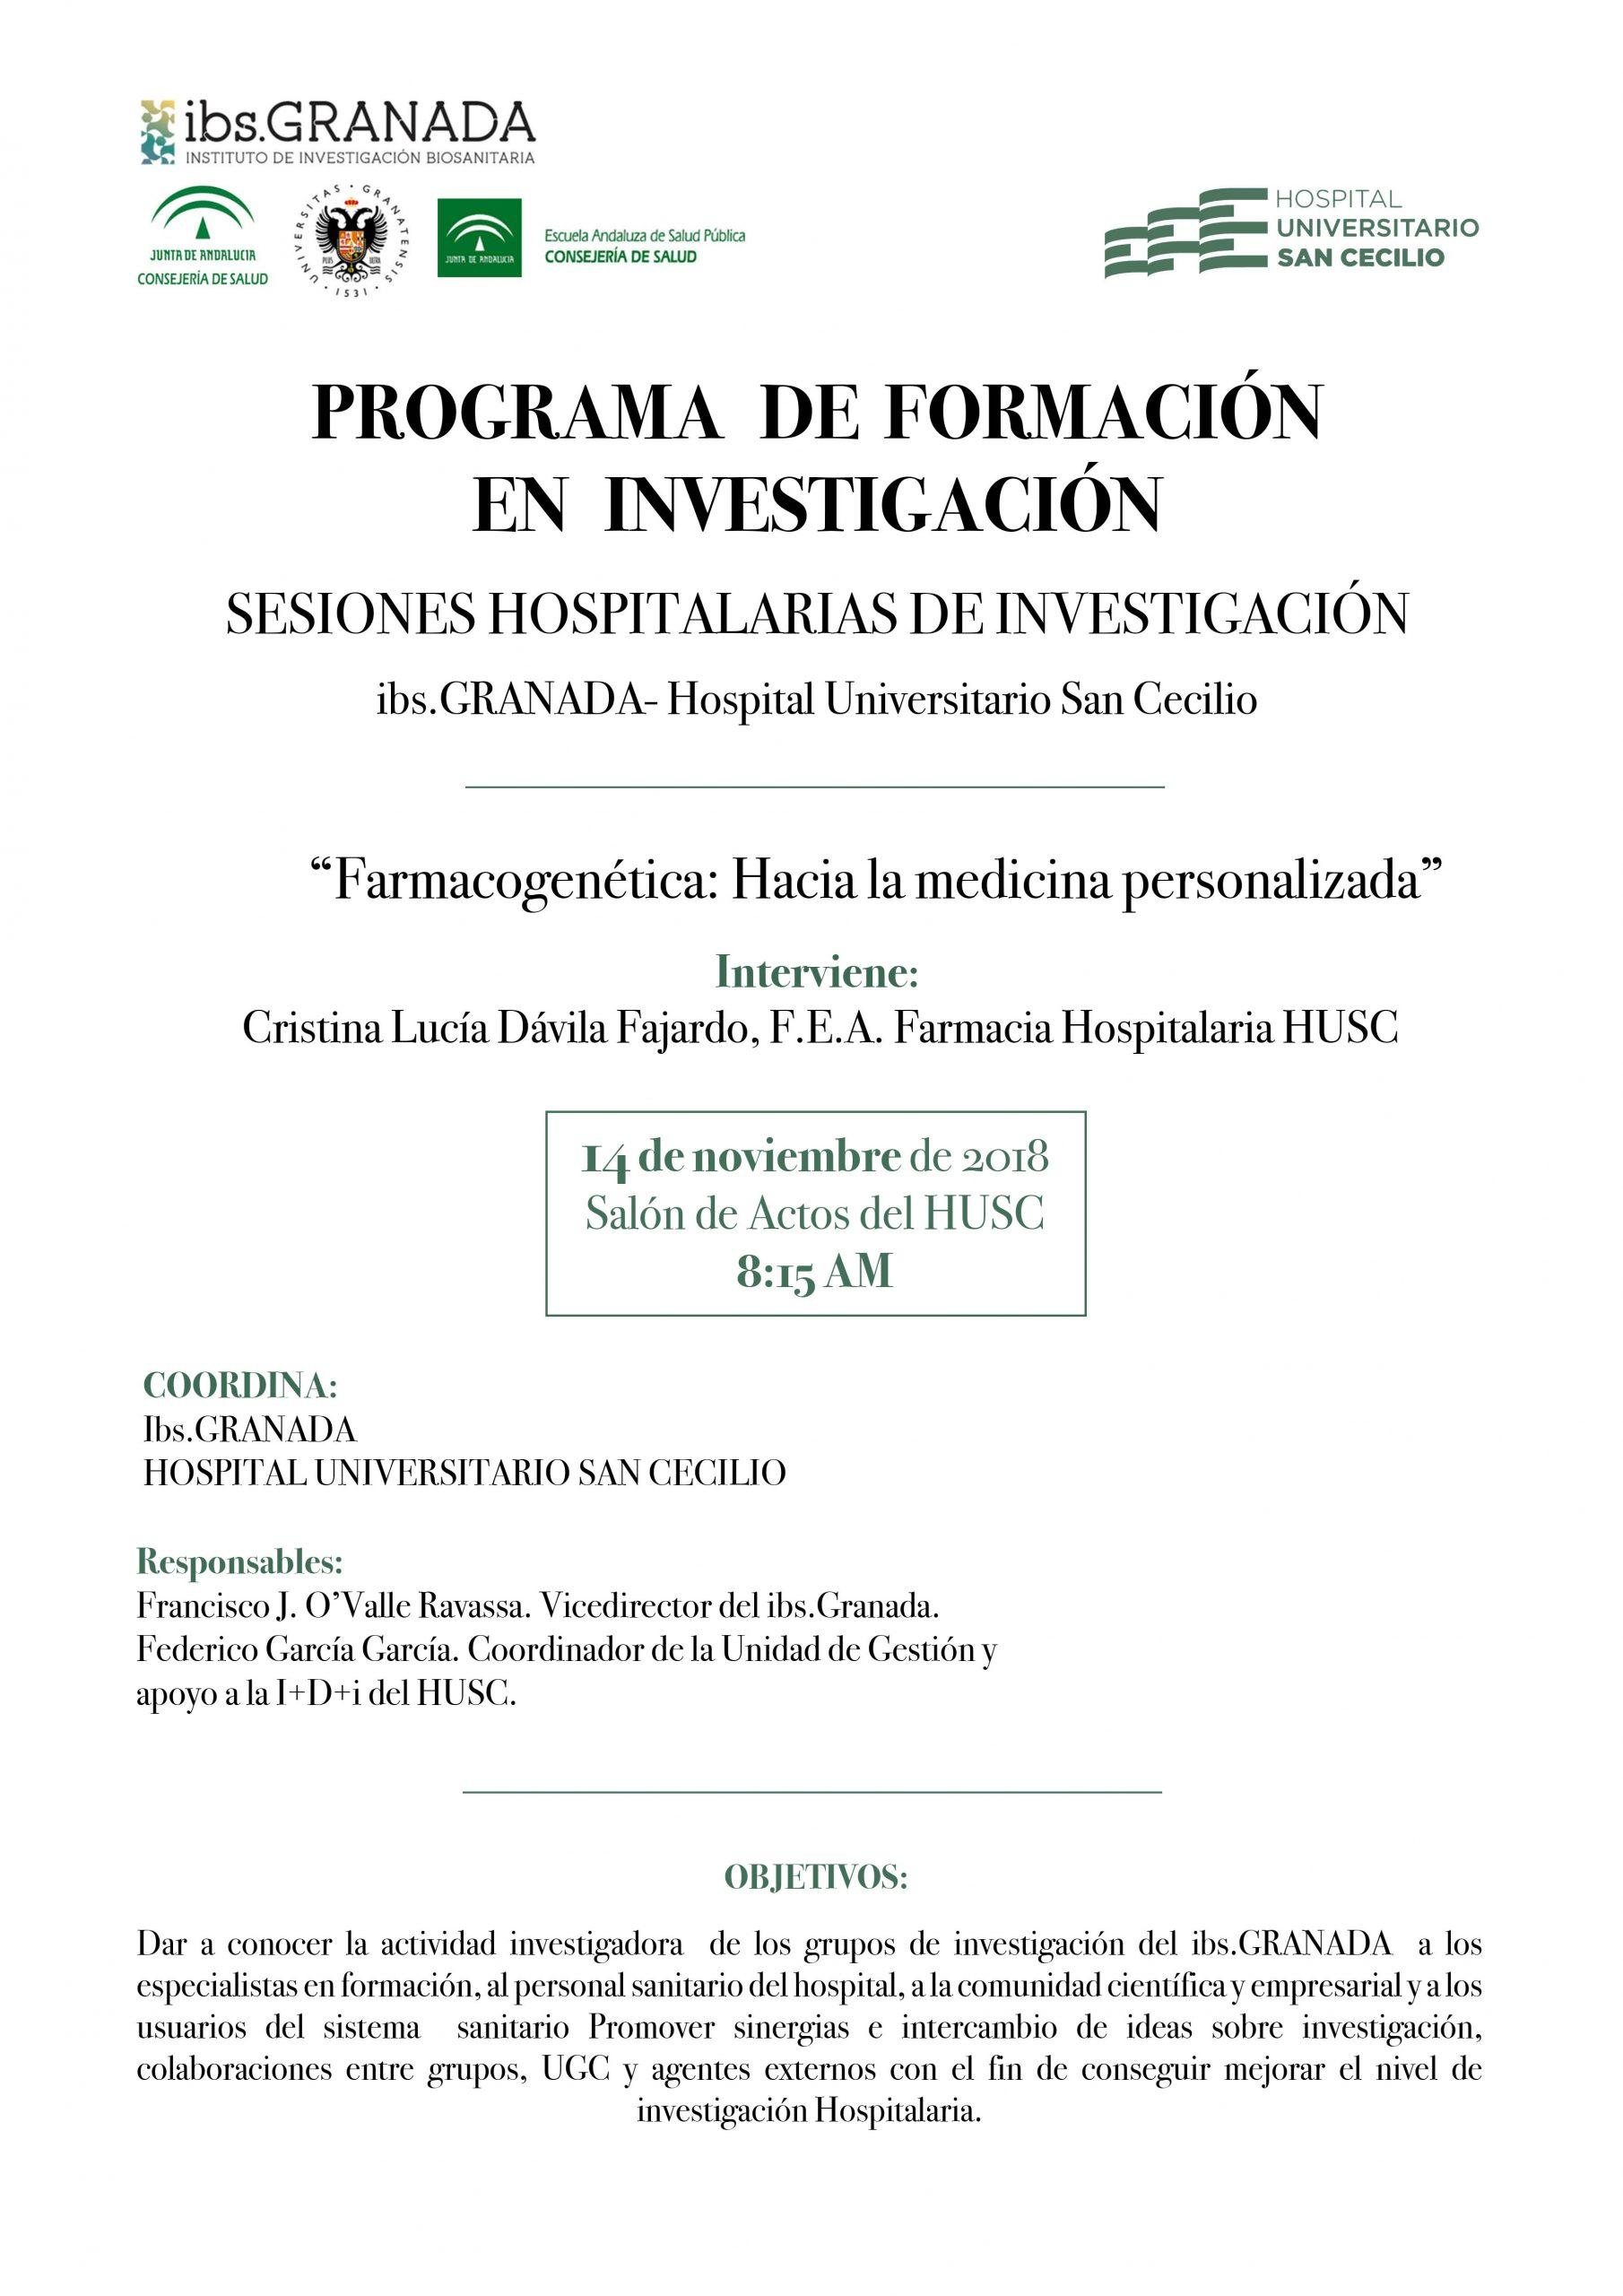 Sesión Hospitalaria ibs.GRANADA: Farmacogenética: Hacia la Medicina Personalizada